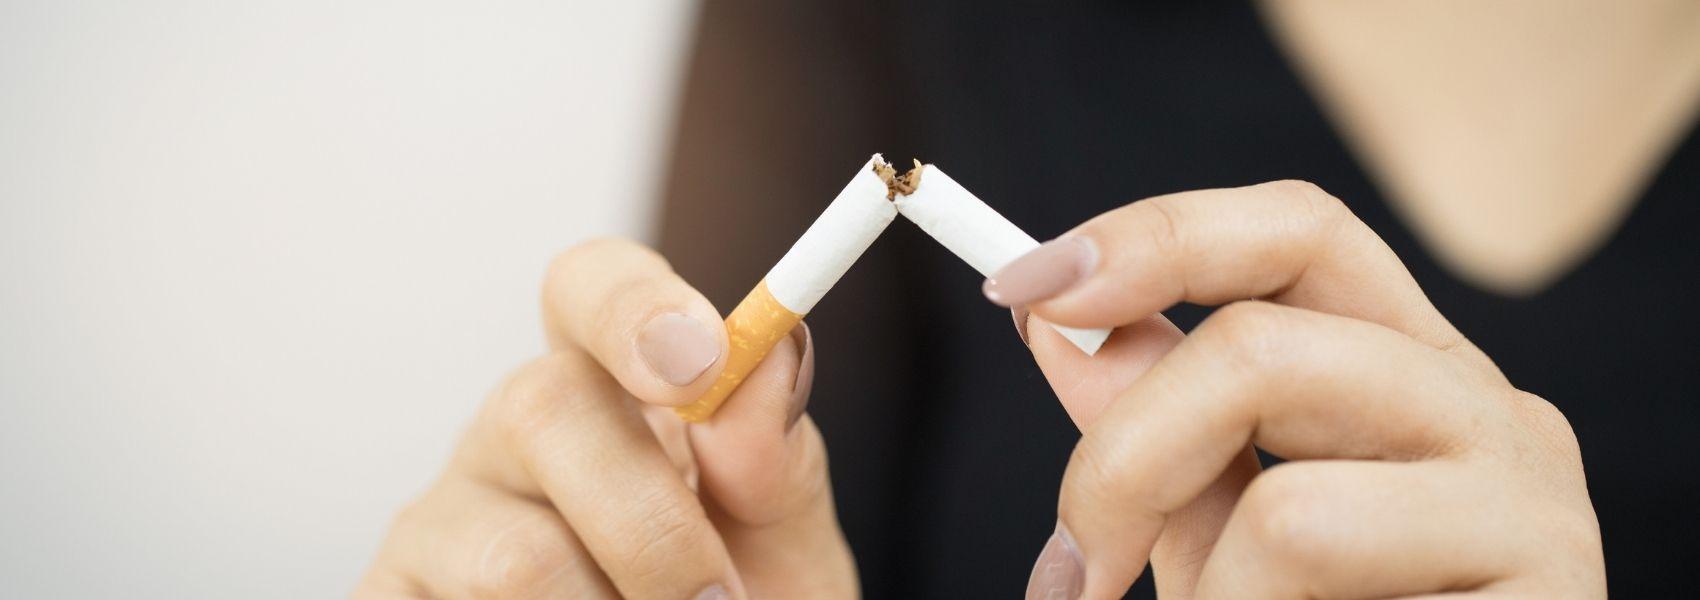 Deixar de fumar após o diagnóstico de cancro do pulmão reduz risco de morte dos doentes